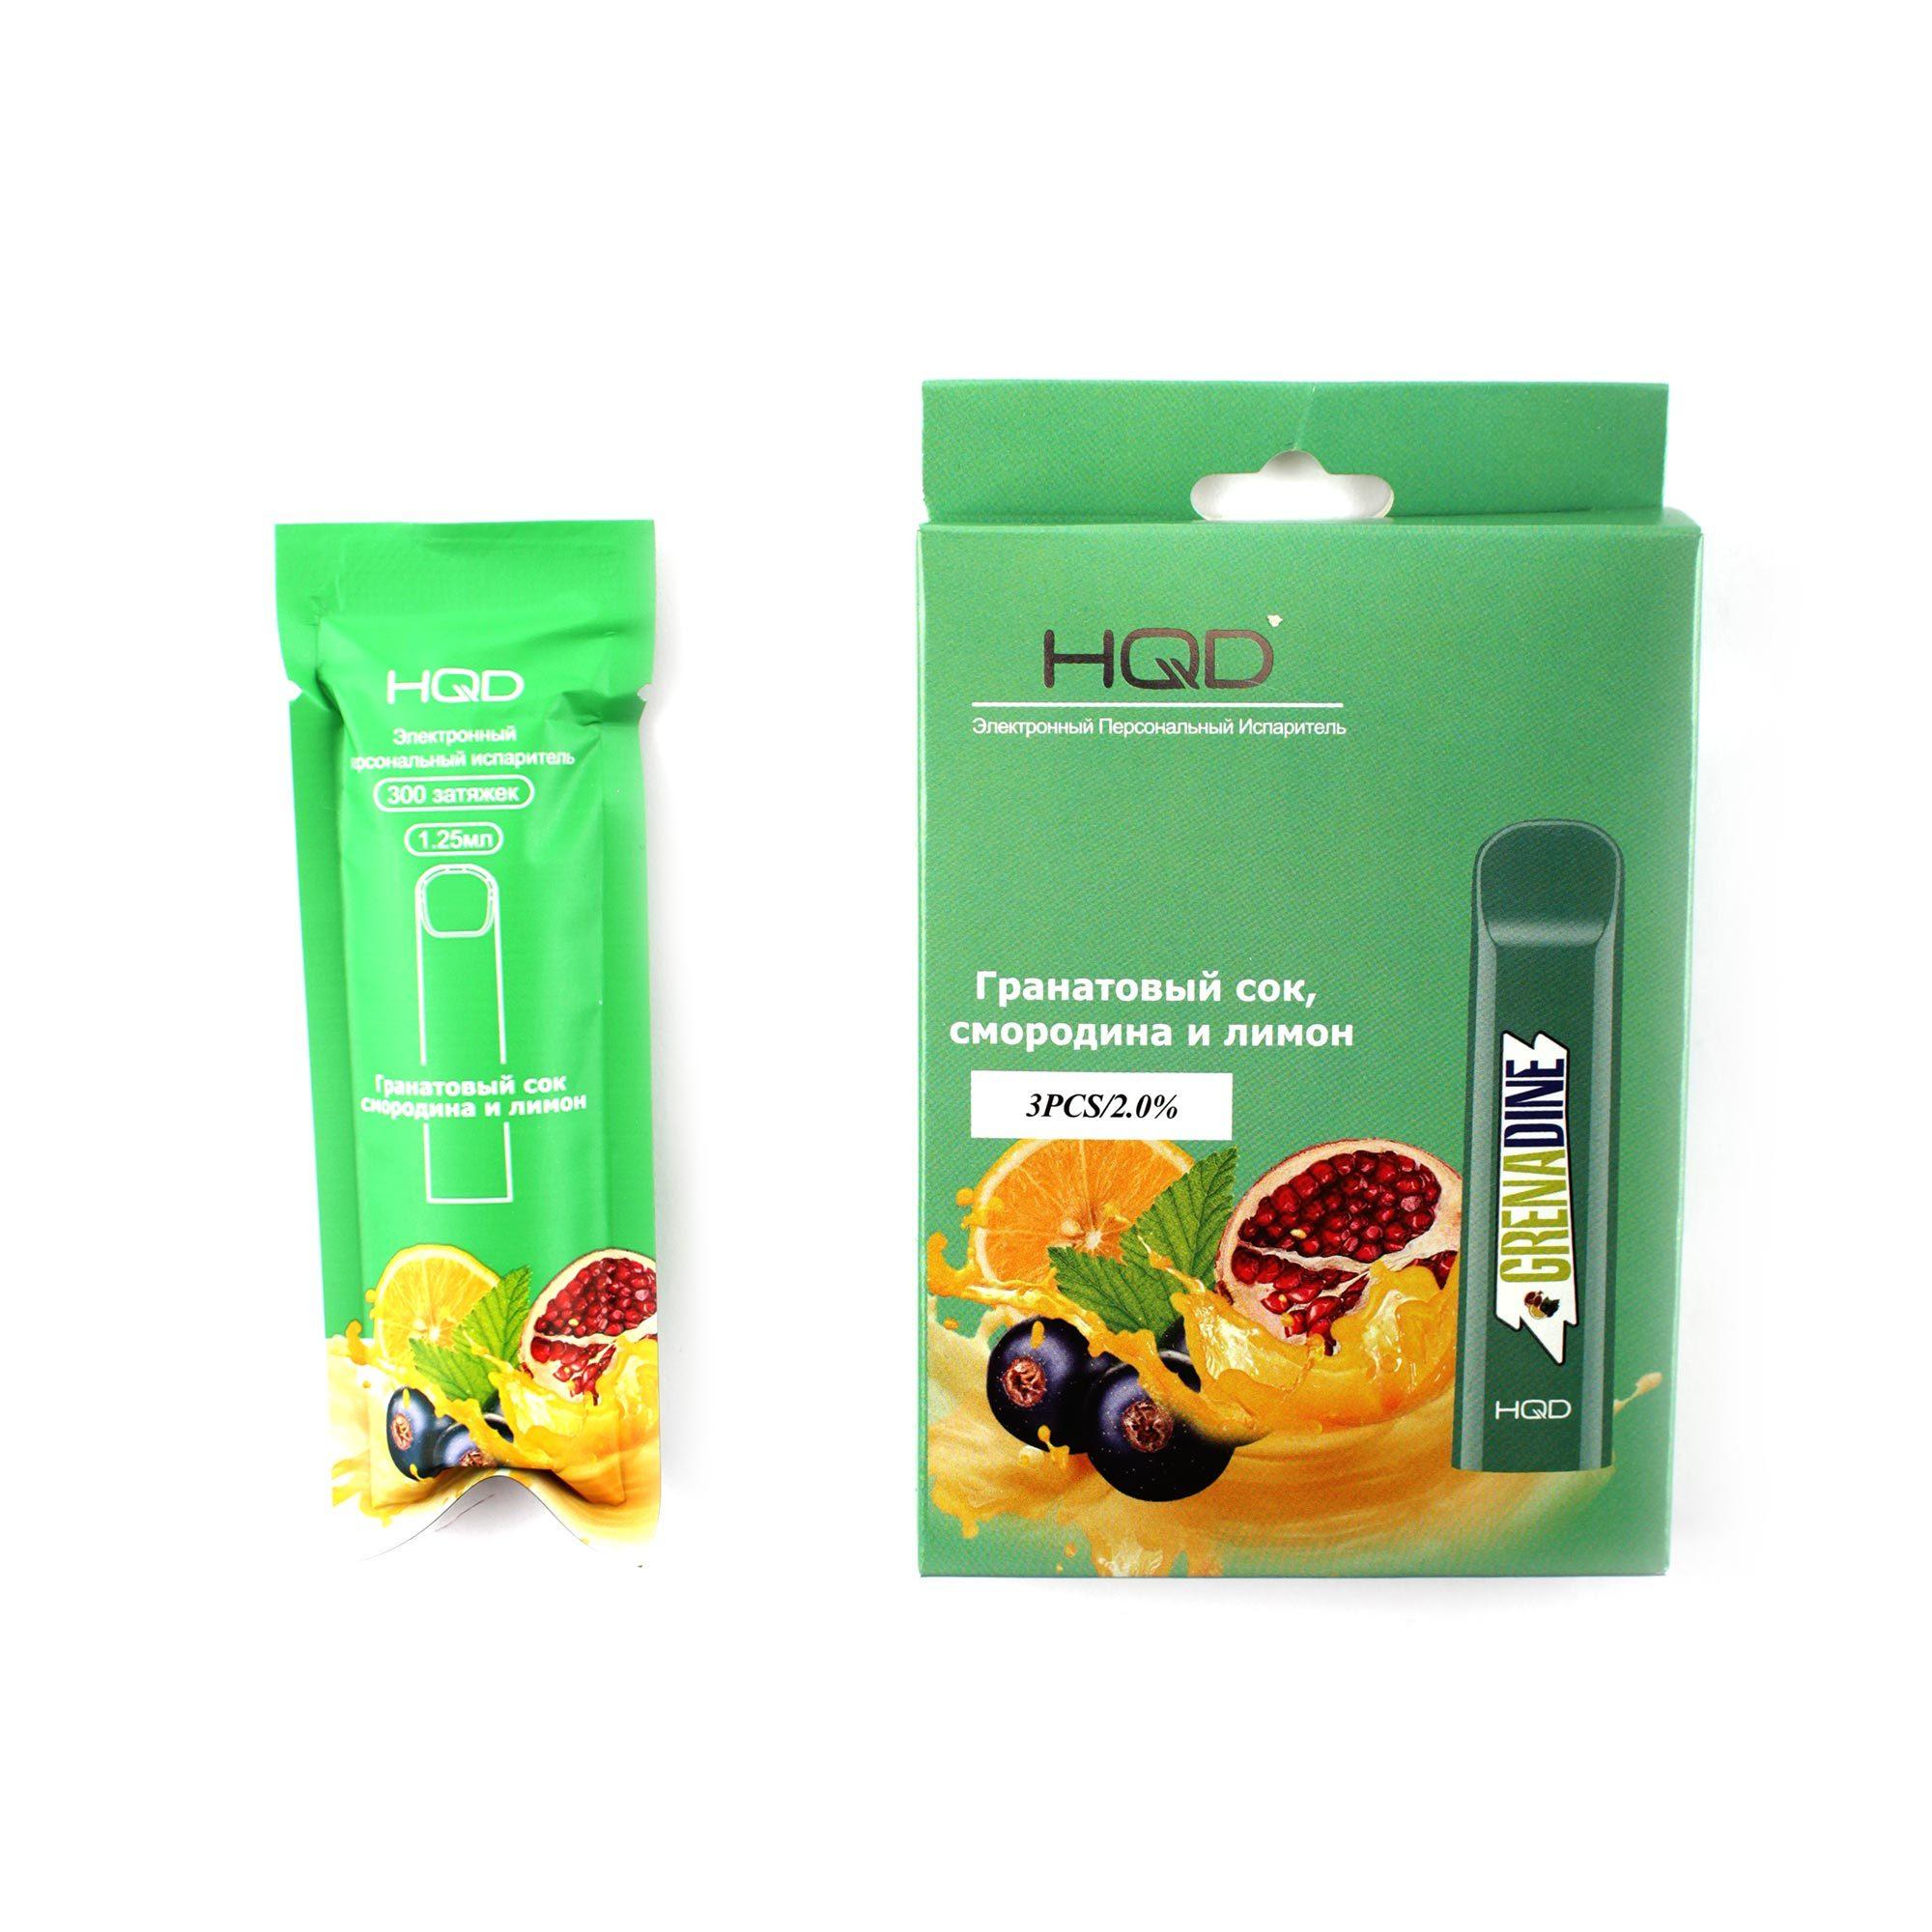 Одноразовая электронная сигарета HQD Grenadine (Гранатовый Сок и Смородиновый Лимонад)